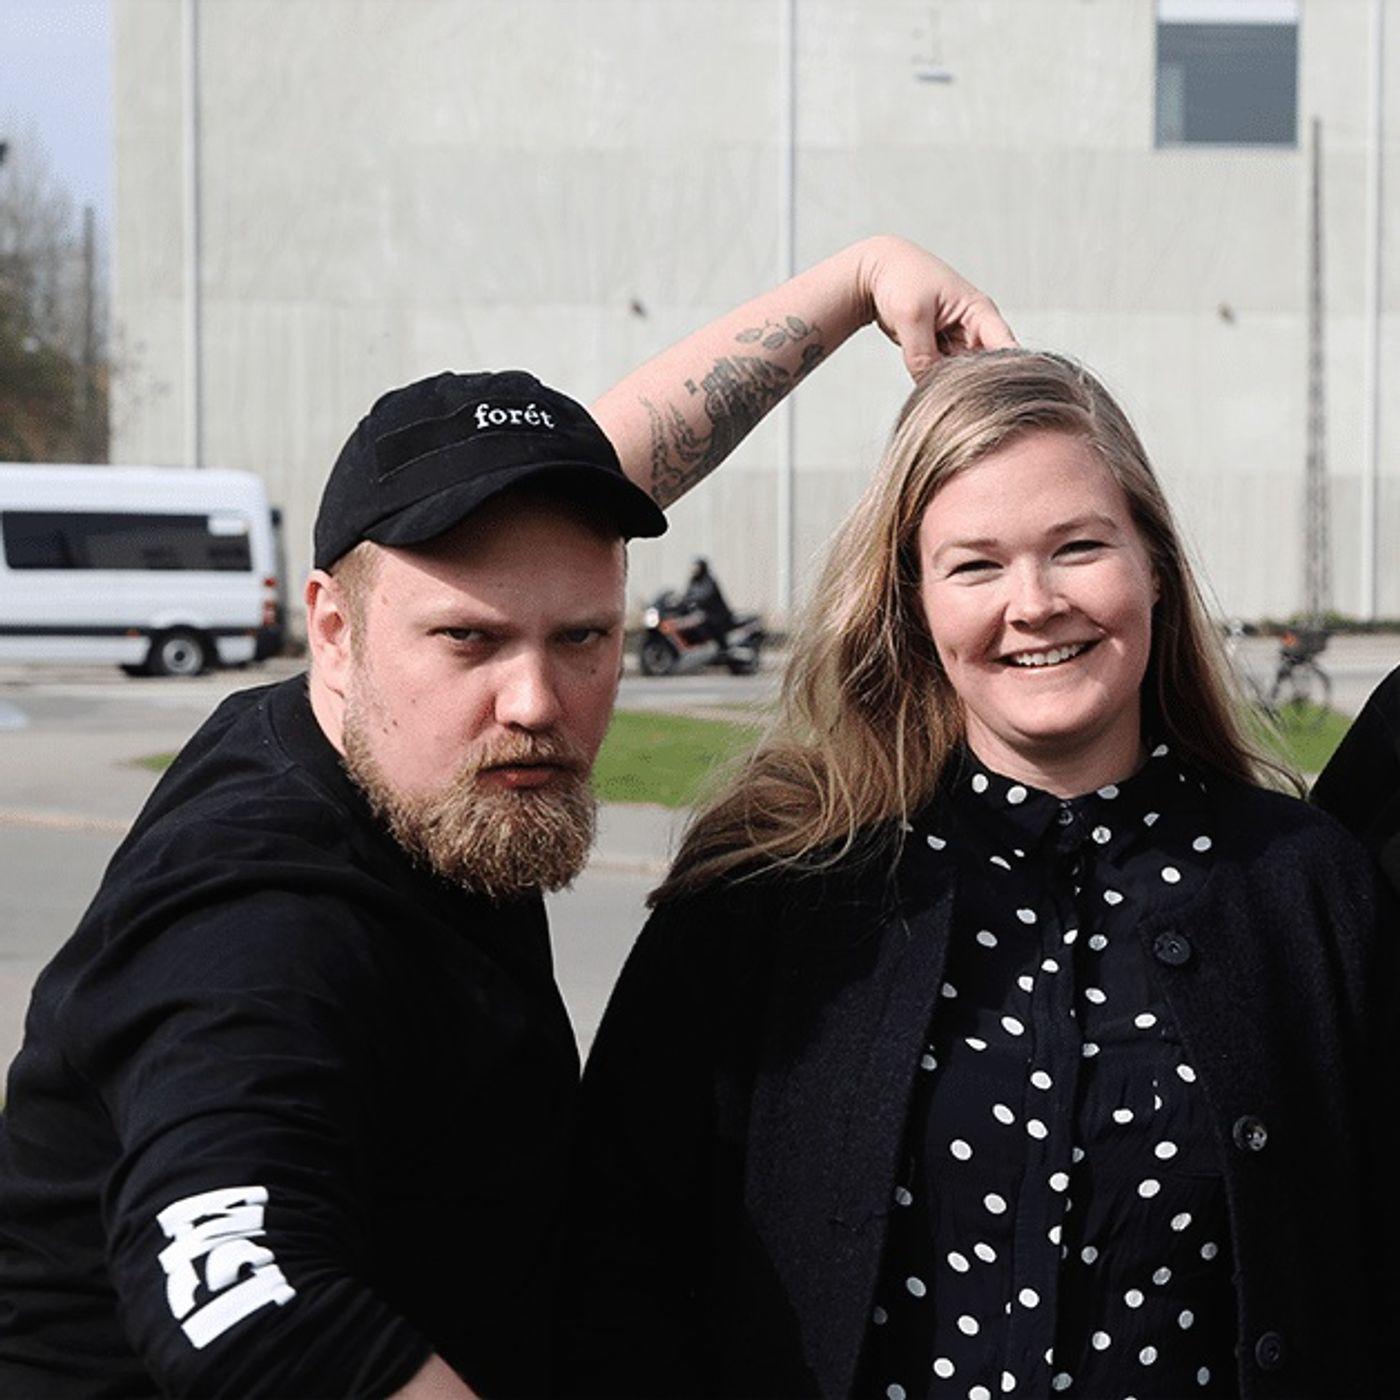 '30-årskrisen': Amalie Laulund Trudsø er i gang med at vokse ind i sin alder